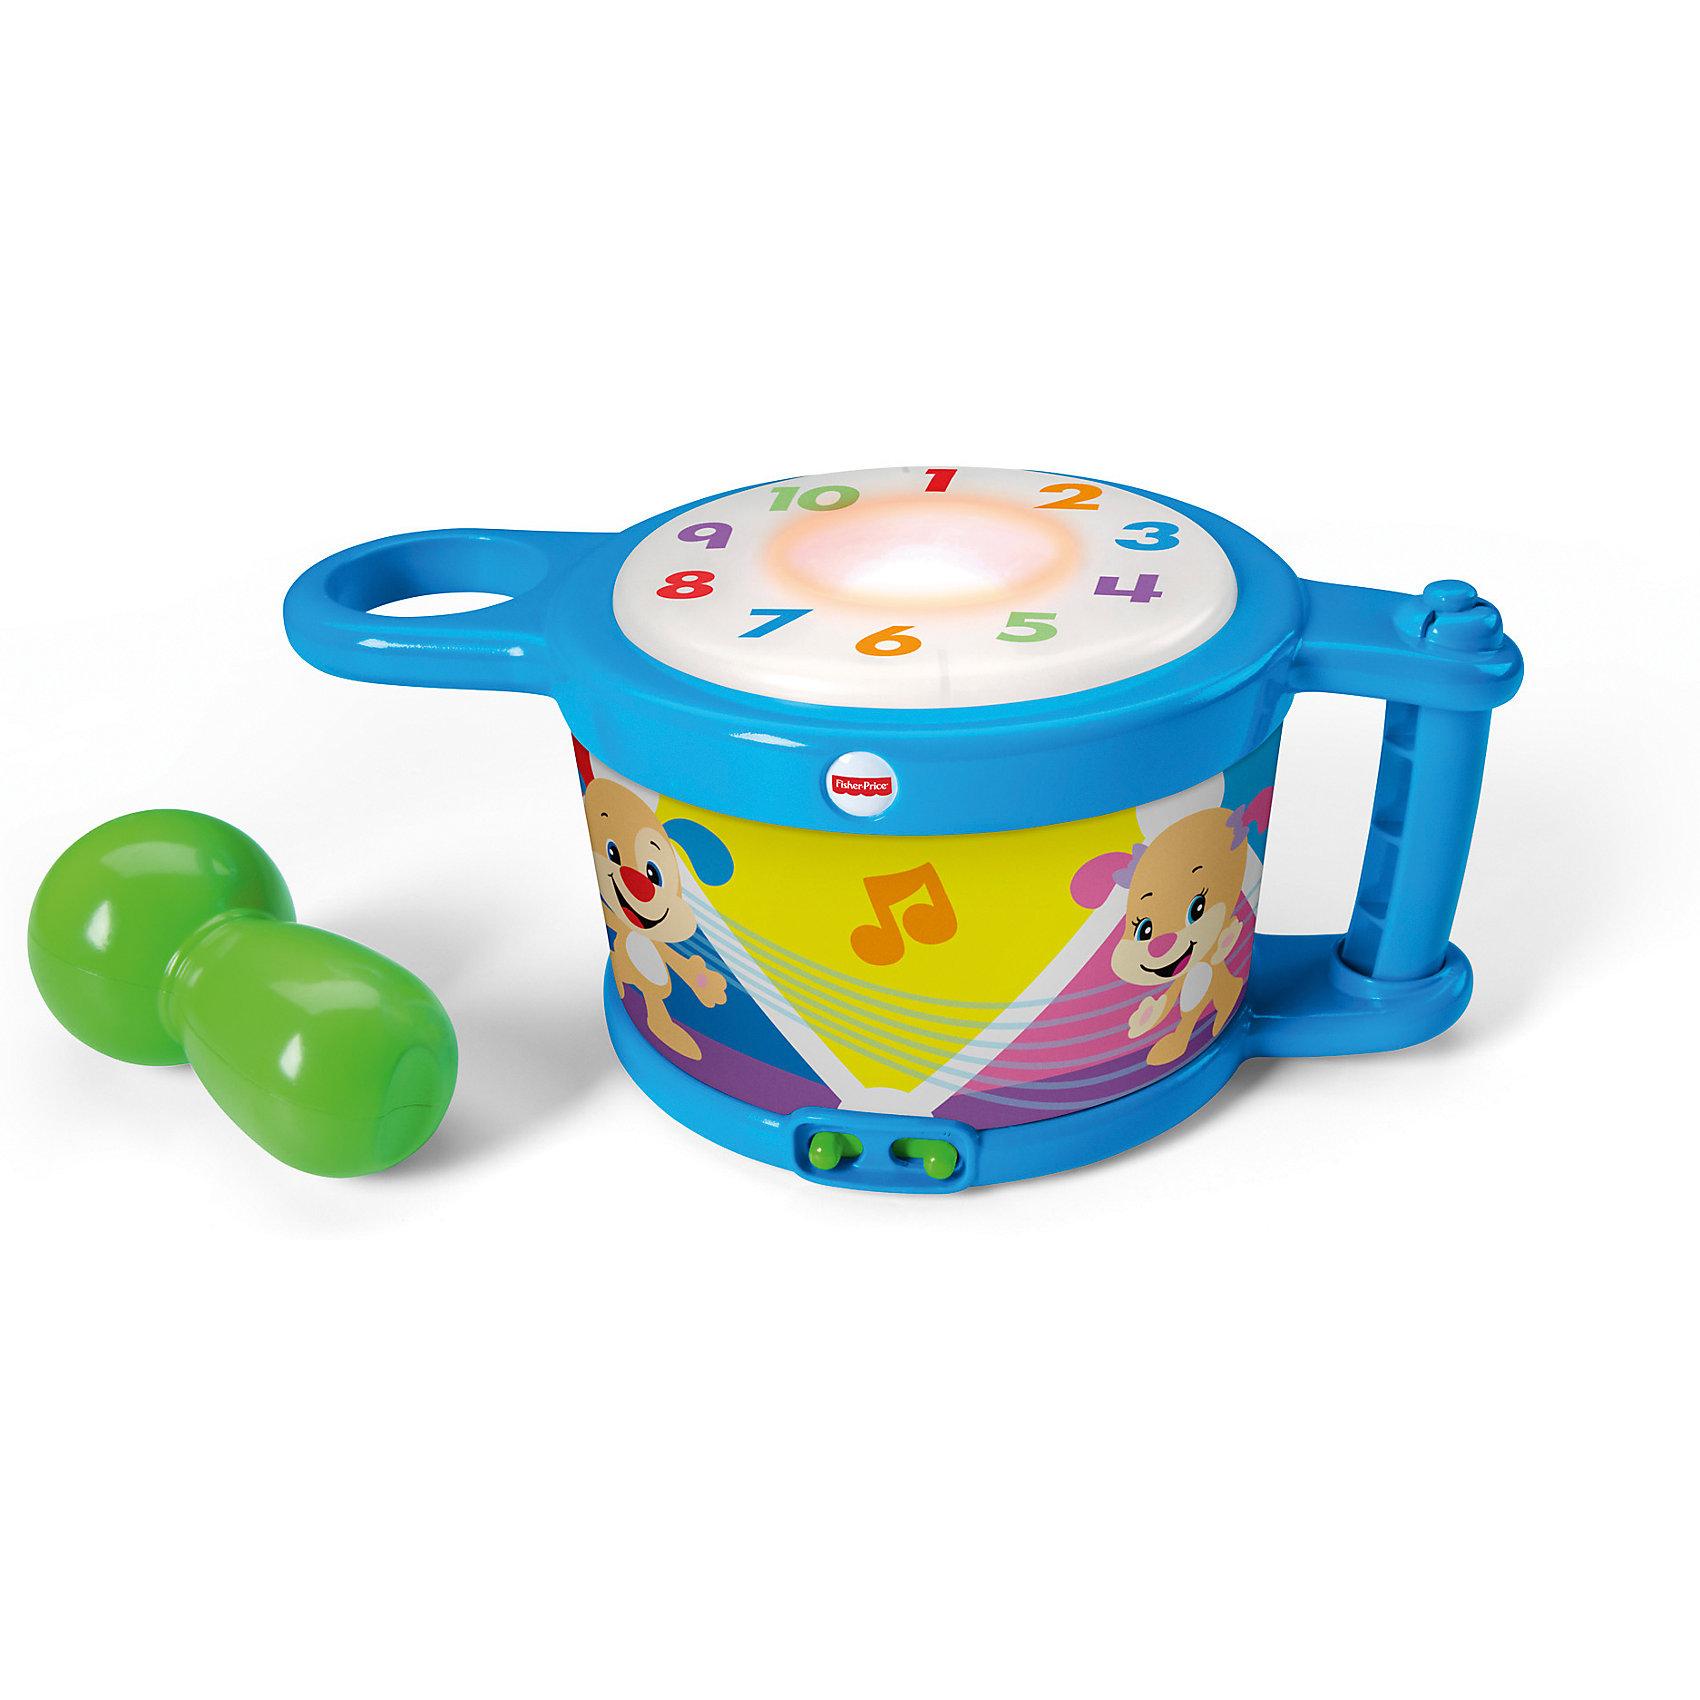 Музыкальный барабан, Fisher PriceМузыкальные инструменты и игрушки<br>Музыкальный барабан - это интересная и развивающая игрушка для вашего малыша. Игрушка предоставлена для маленьких детей, которые только начинают свое развитие. Если включить барабан, то каждый удар будет сопровождаться музыкой и светом. Барабан не только подарит вашему малышу много положительных эмоций, но и поможет в развитии музыкального слуха, чувства ритма и моторики рук. <br><br>В товар входит:<br>-барабан<br>-палка-погремушка<br><br>Дополнительная информация:<br>-Для детей от 6 месяцев до 3 лет<br>-Товар для девочек и мальчиков<br>-Состав: пластик<br>-Марка: Fisher Price(Фишер Прайс)<br><br>Ширина мм: 160<br>Глубина мм: 270<br>Высота мм: 240<br>Вес г: 855<br>Возраст от месяцев: 6<br>Возраст до месяцев: 36<br>Пол: Унисекс<br>Возраст: Детский<br>SKU: 4973470